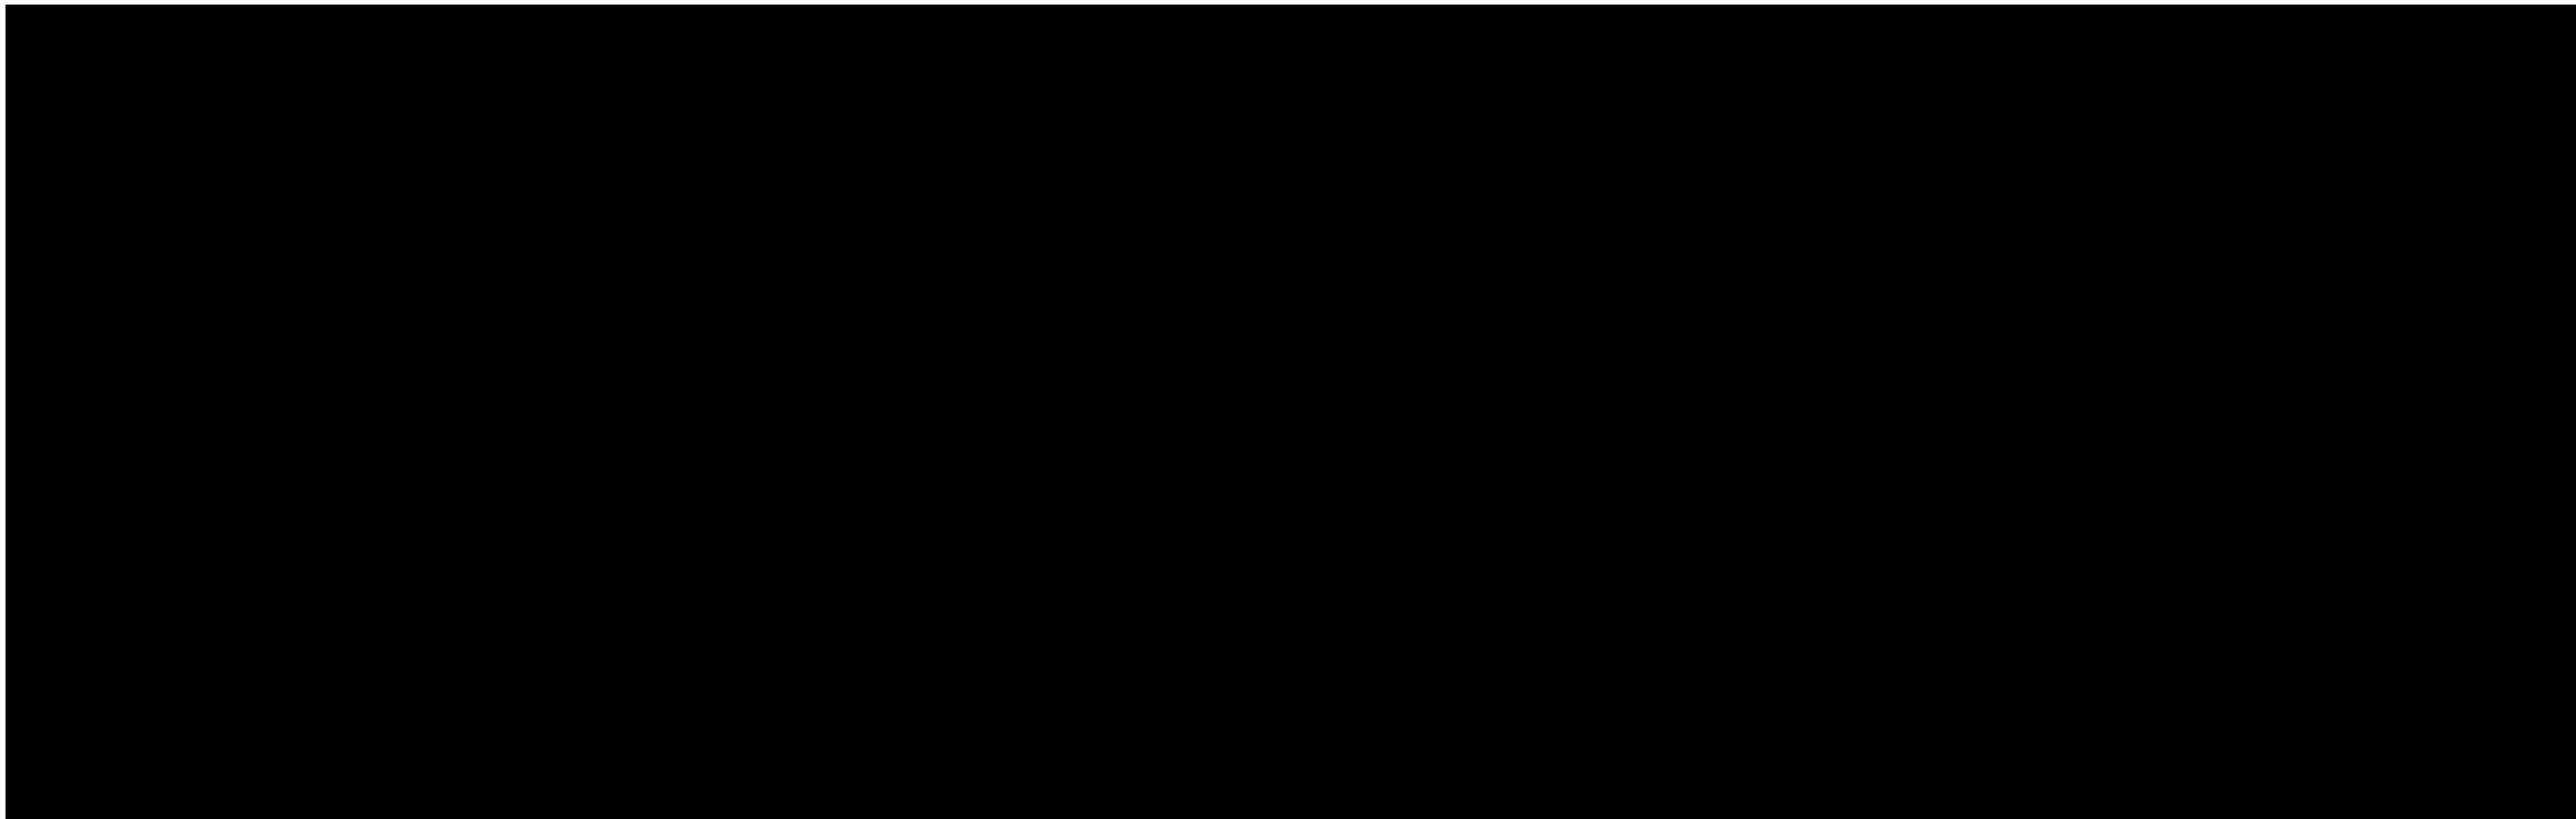 ooMAXI